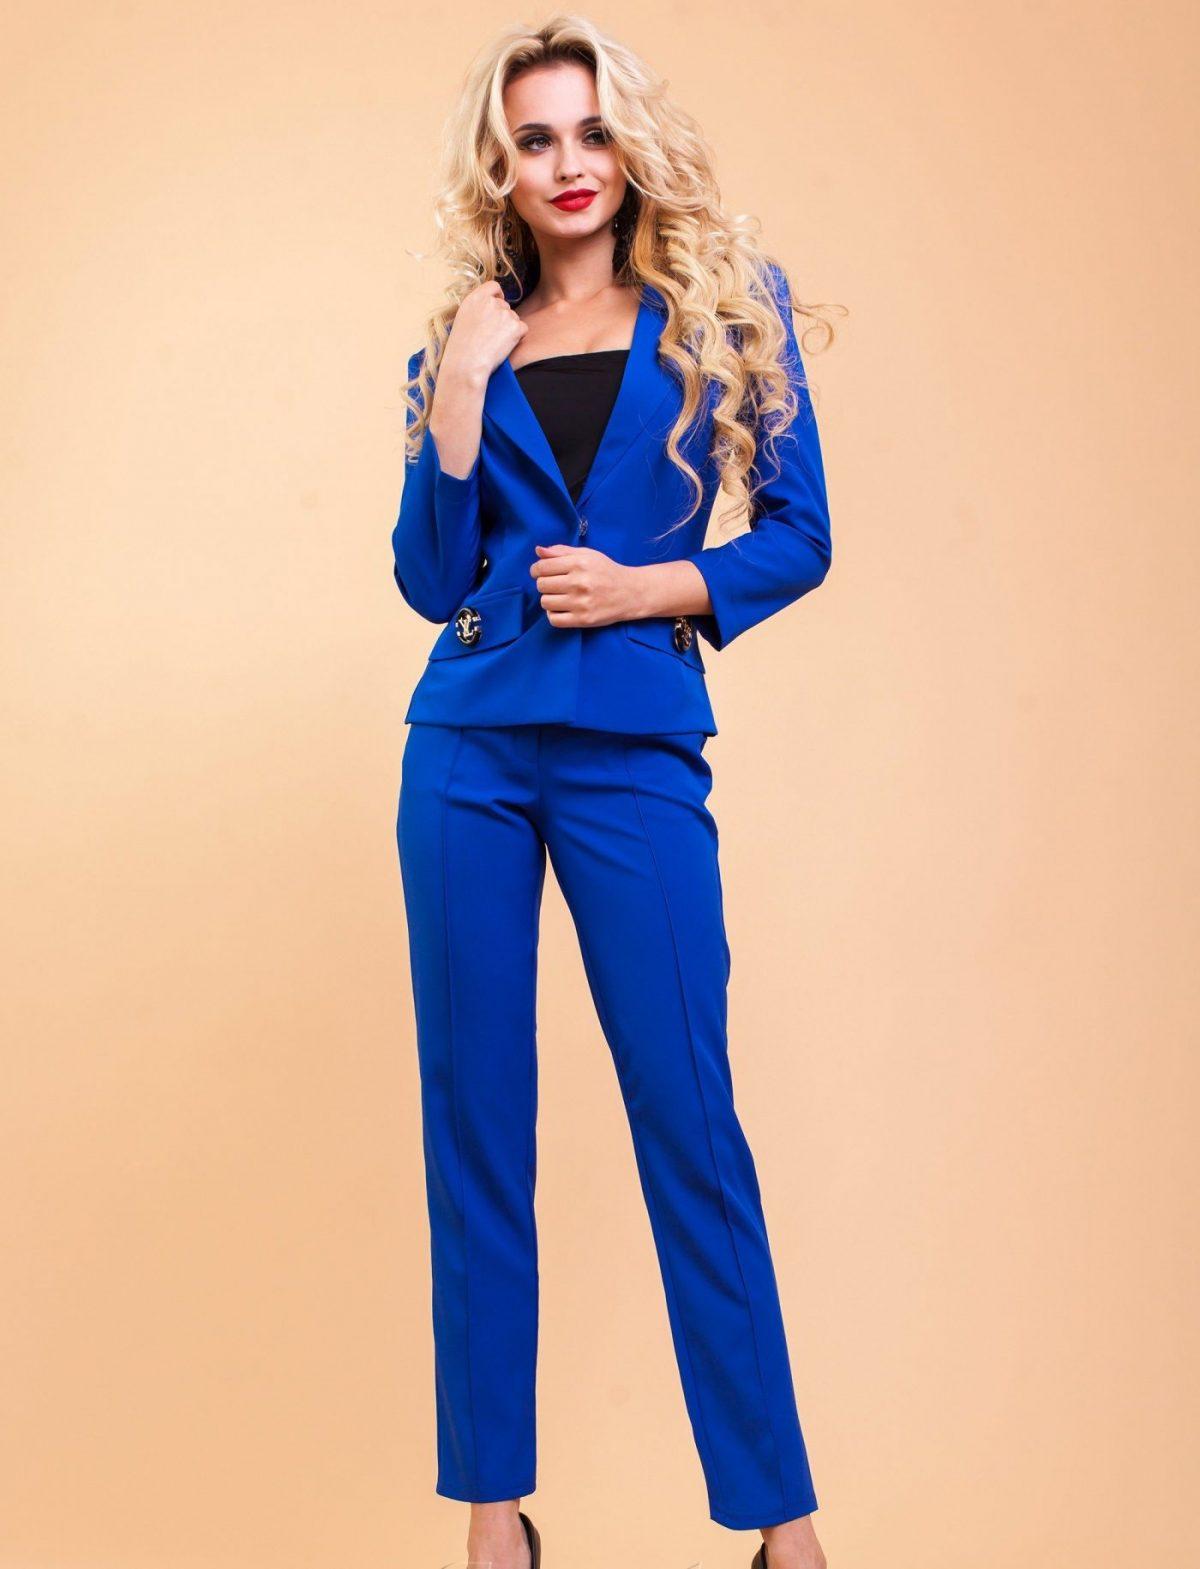 модные яркие костюмы синий женский 2018 2019